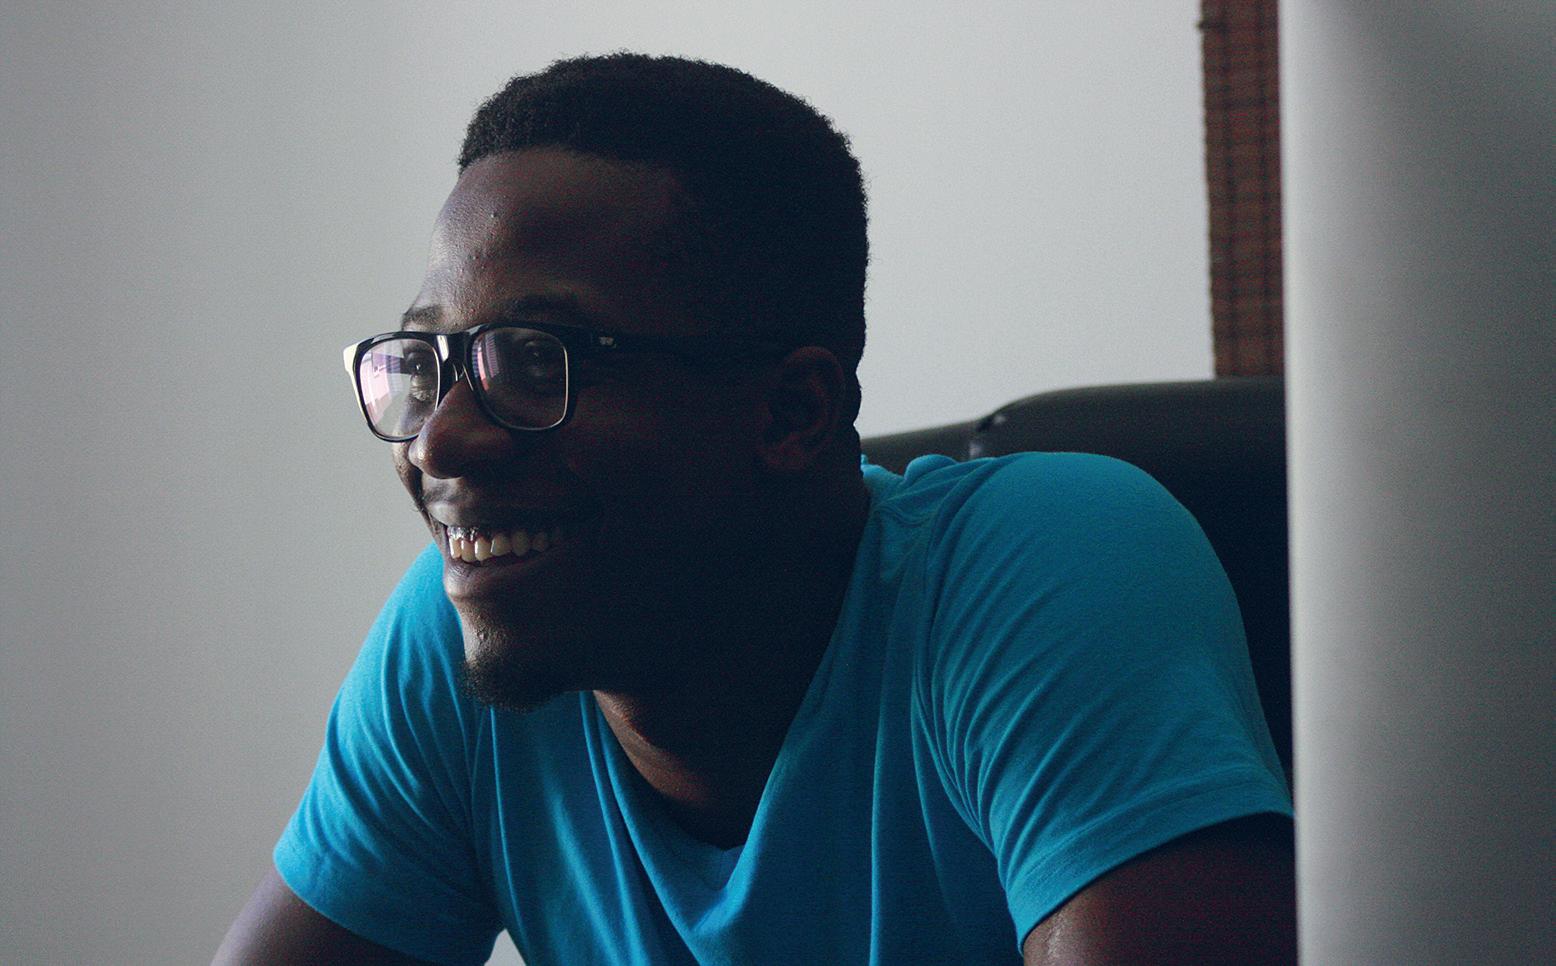 Emeka Onyenwe uskoo, että ohjelmointikielet nousevat tulevaisuudessa maailman tärkeimmiksi kieliksi.